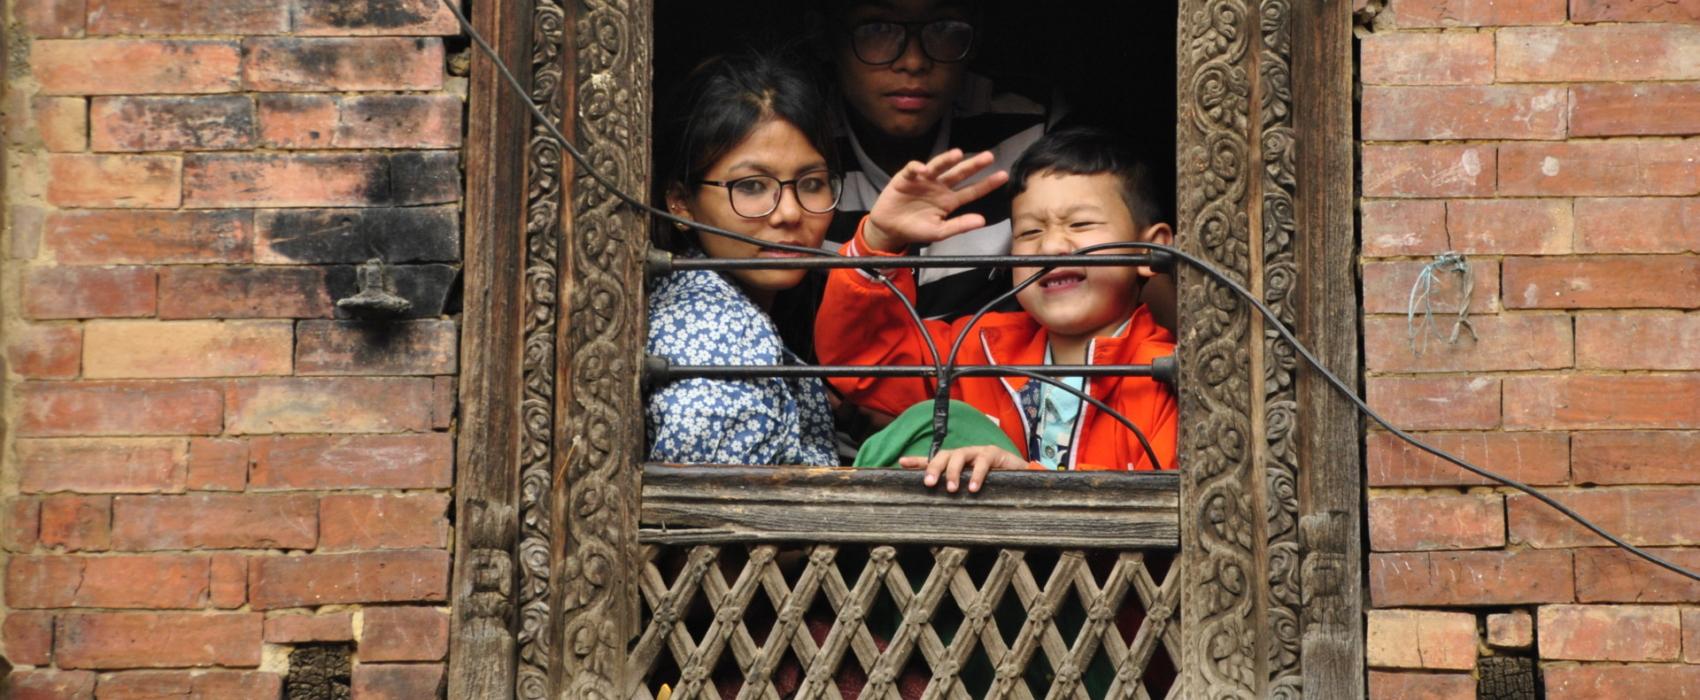 Wyprawa do Nepalu. Wybierz kameralne biuro podróży